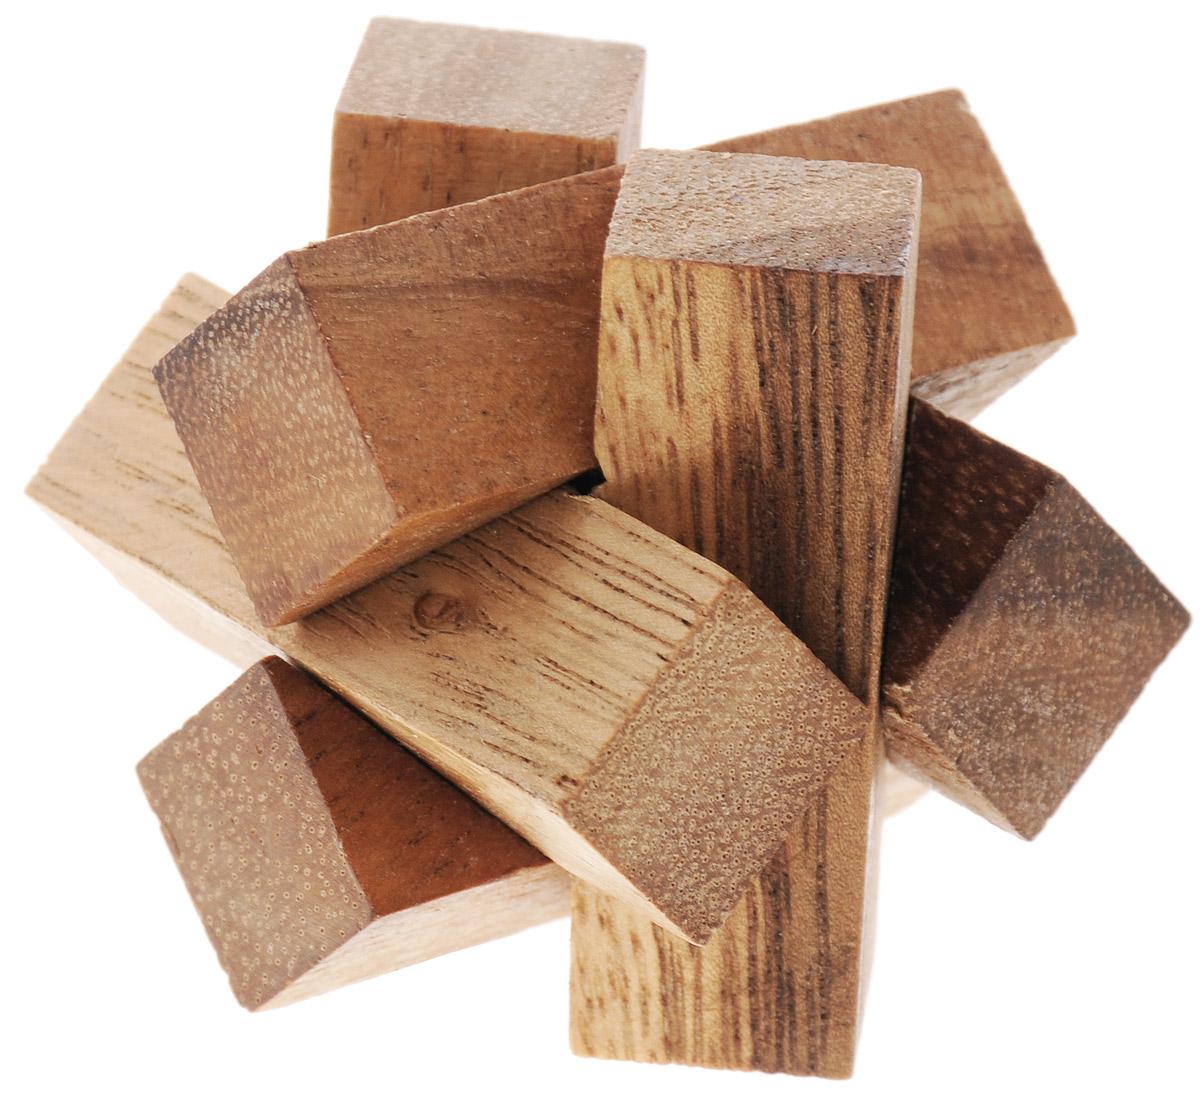 """Головоломка Dilemma """"Заблокированные бруски"""", выполненная из дерева, станет отличным подарком всем любителям головоломок! Головоломка состоит из 6 деревянных элементов. Попробуйте разобрать бруски (это нетрудно), а затем собрать их обратно (это сложнее). Если слишком сложно, то воспользуйтесь предложенной подсказкой в инструкции. Рассчитана игра на одного игрока. Головоломка Dilemma """"Заблокированные бруски"""" стимулирует логику, пространственное мышление и мелкую моторику рук."""